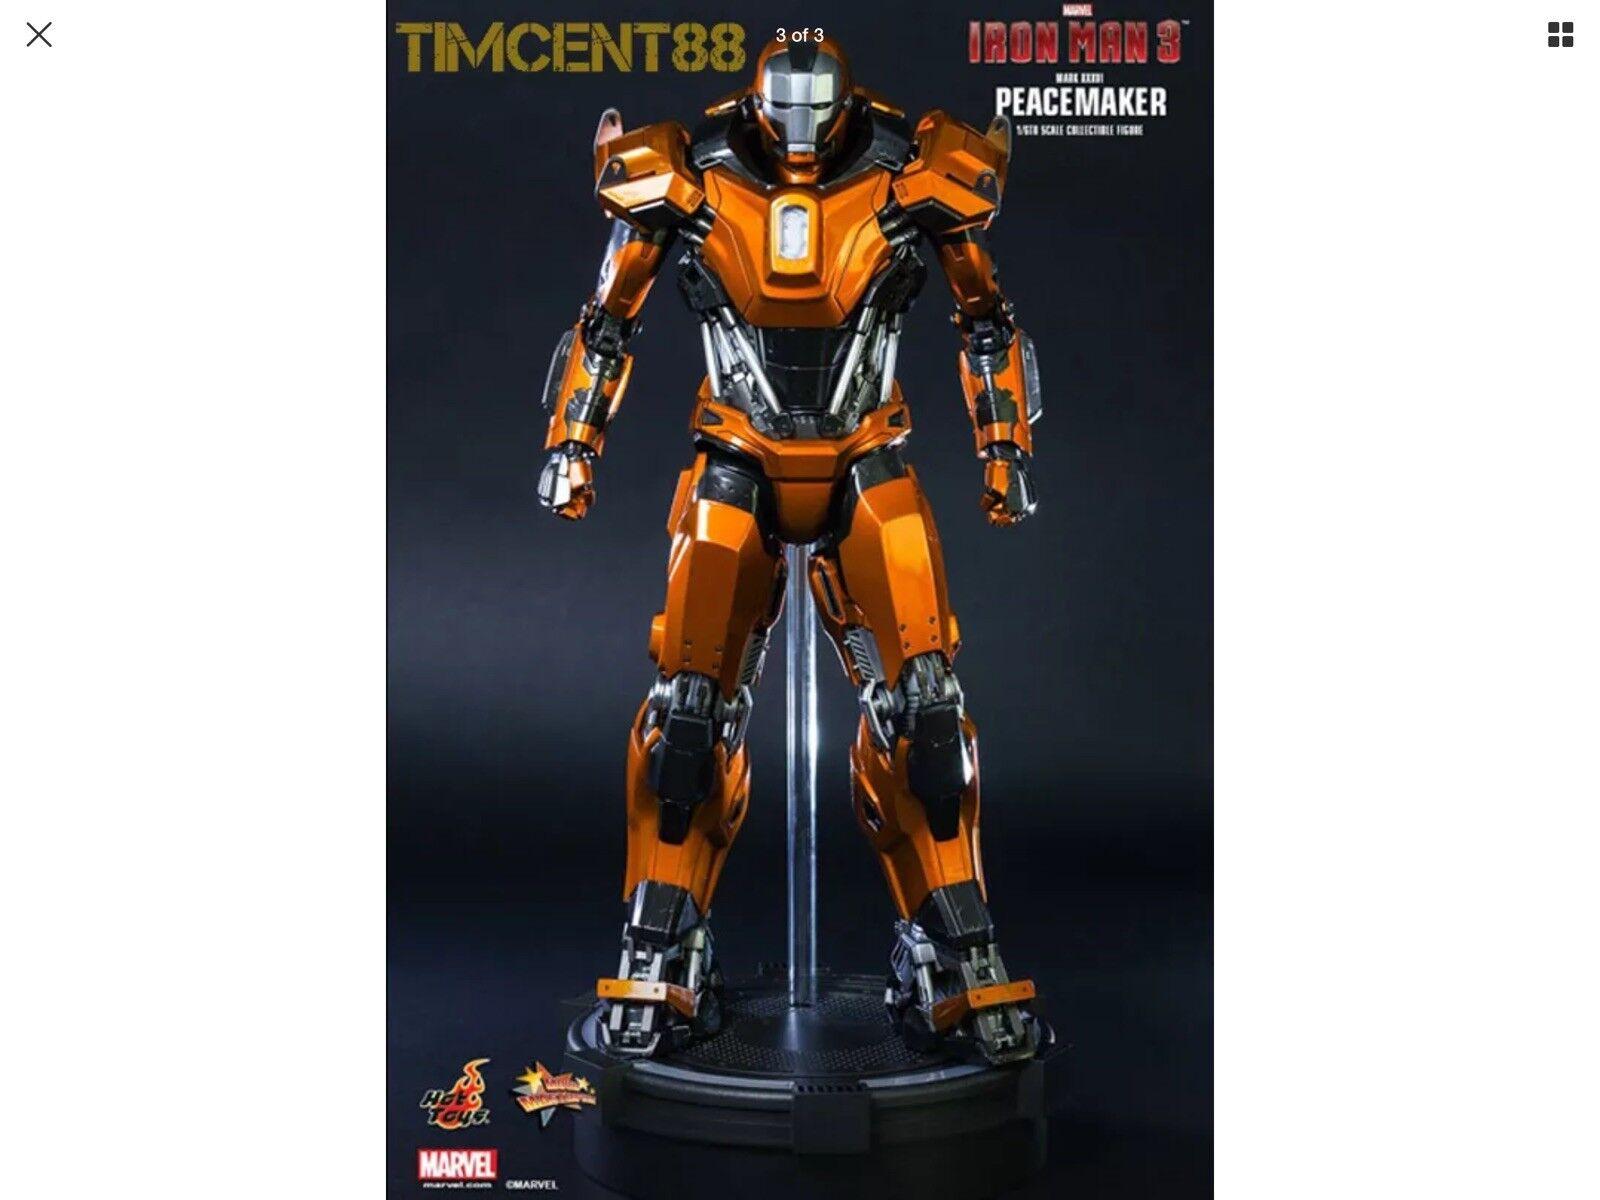 Iron Man 3 Peace Maker XXXVI 1 6 Scale Figure